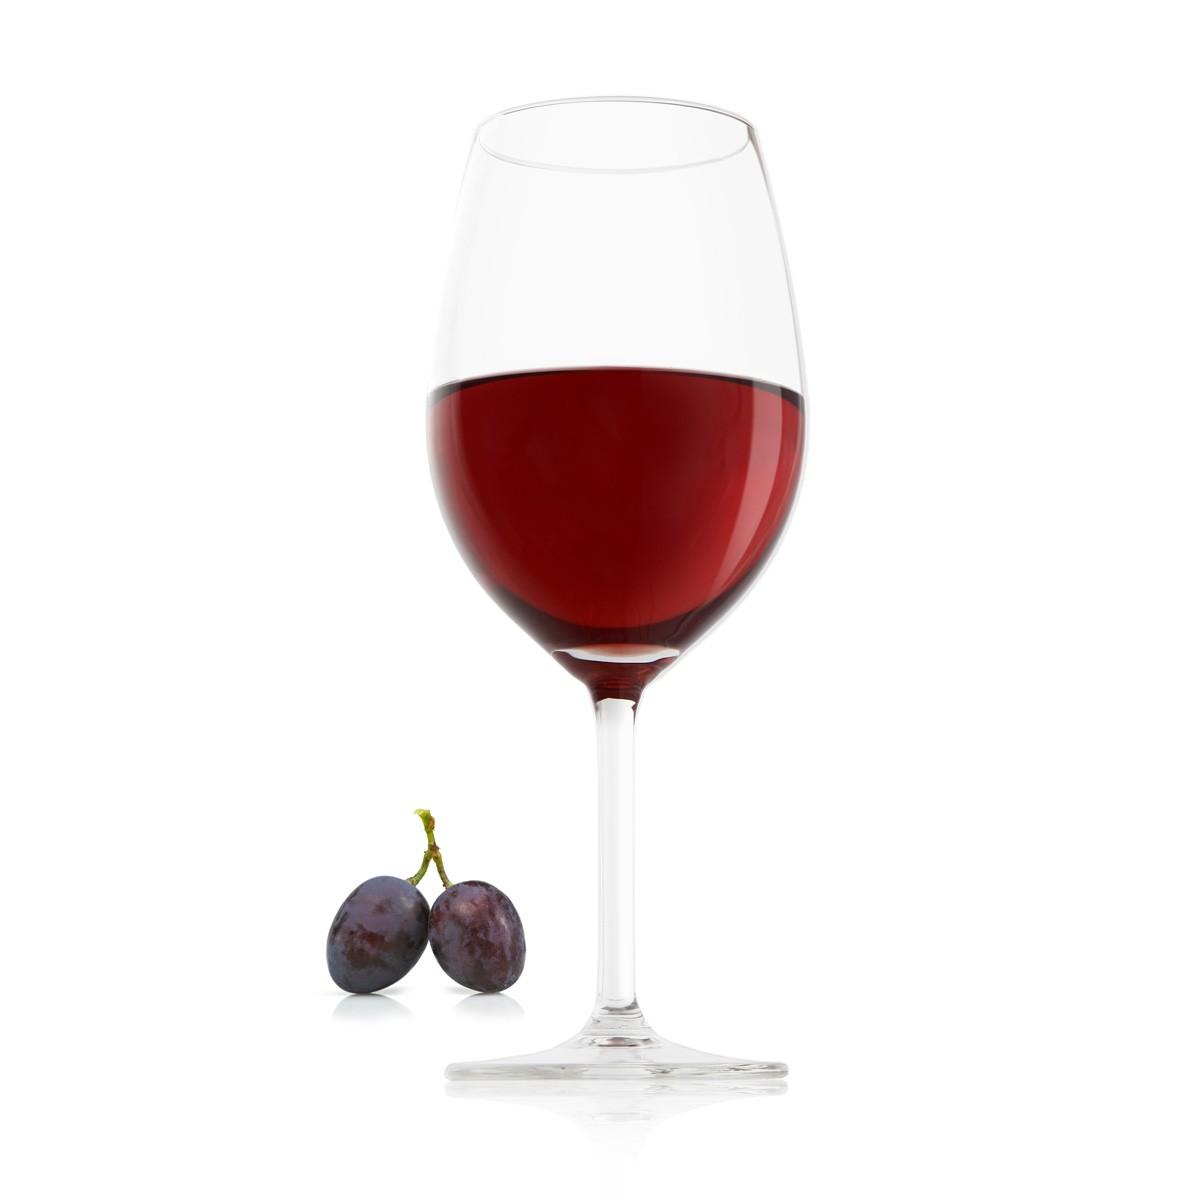 un verre de vin rouge